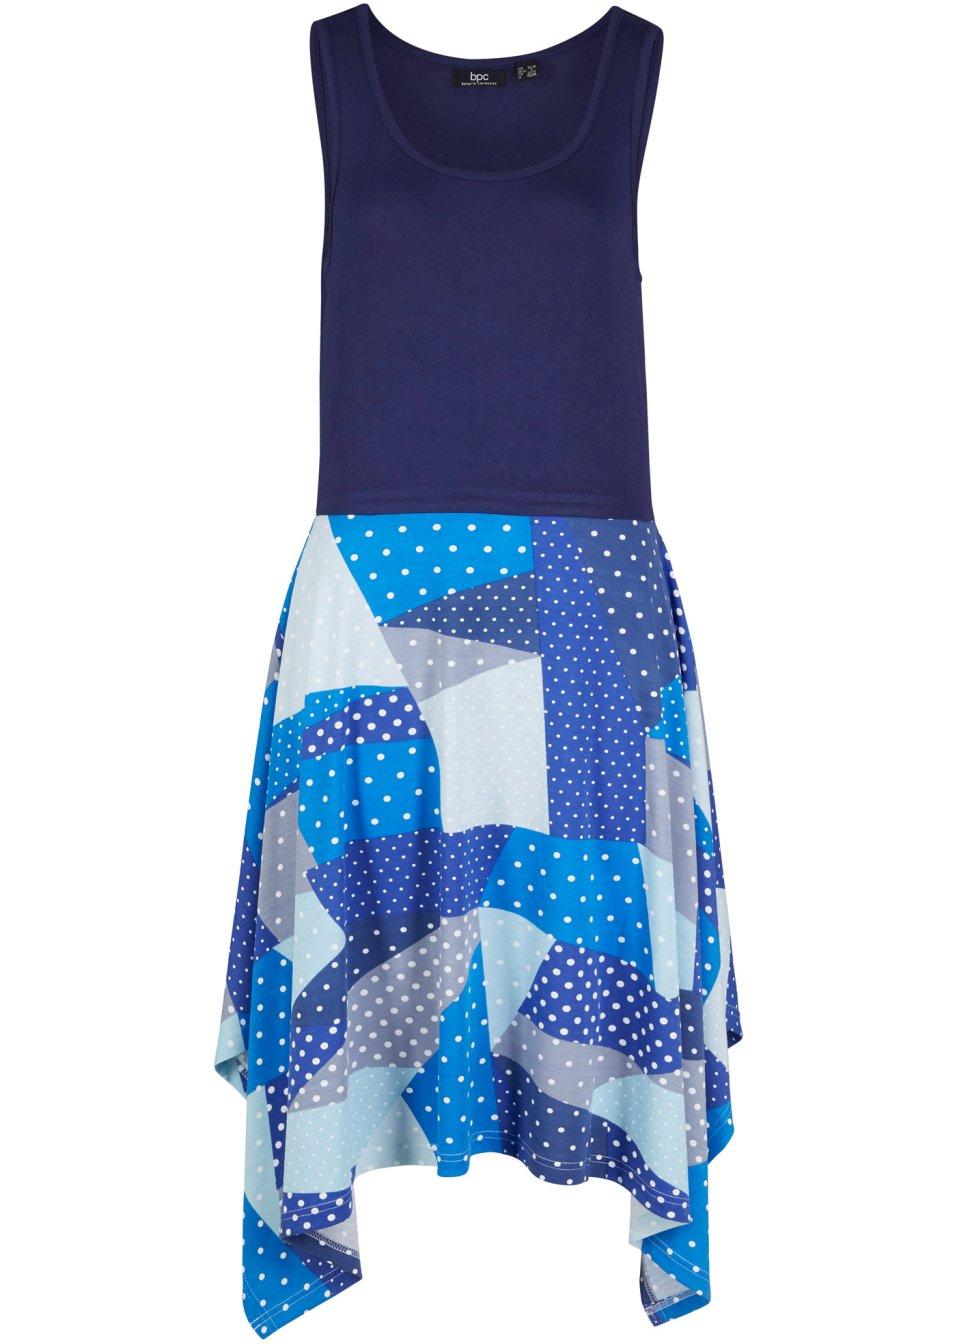 Schönes ärmelloses Jerseykleid mit Zipfelsaumen und aufregendem Patchwork-Muster - mitternachtsblau bedruckt DRCuh vQ4Ld